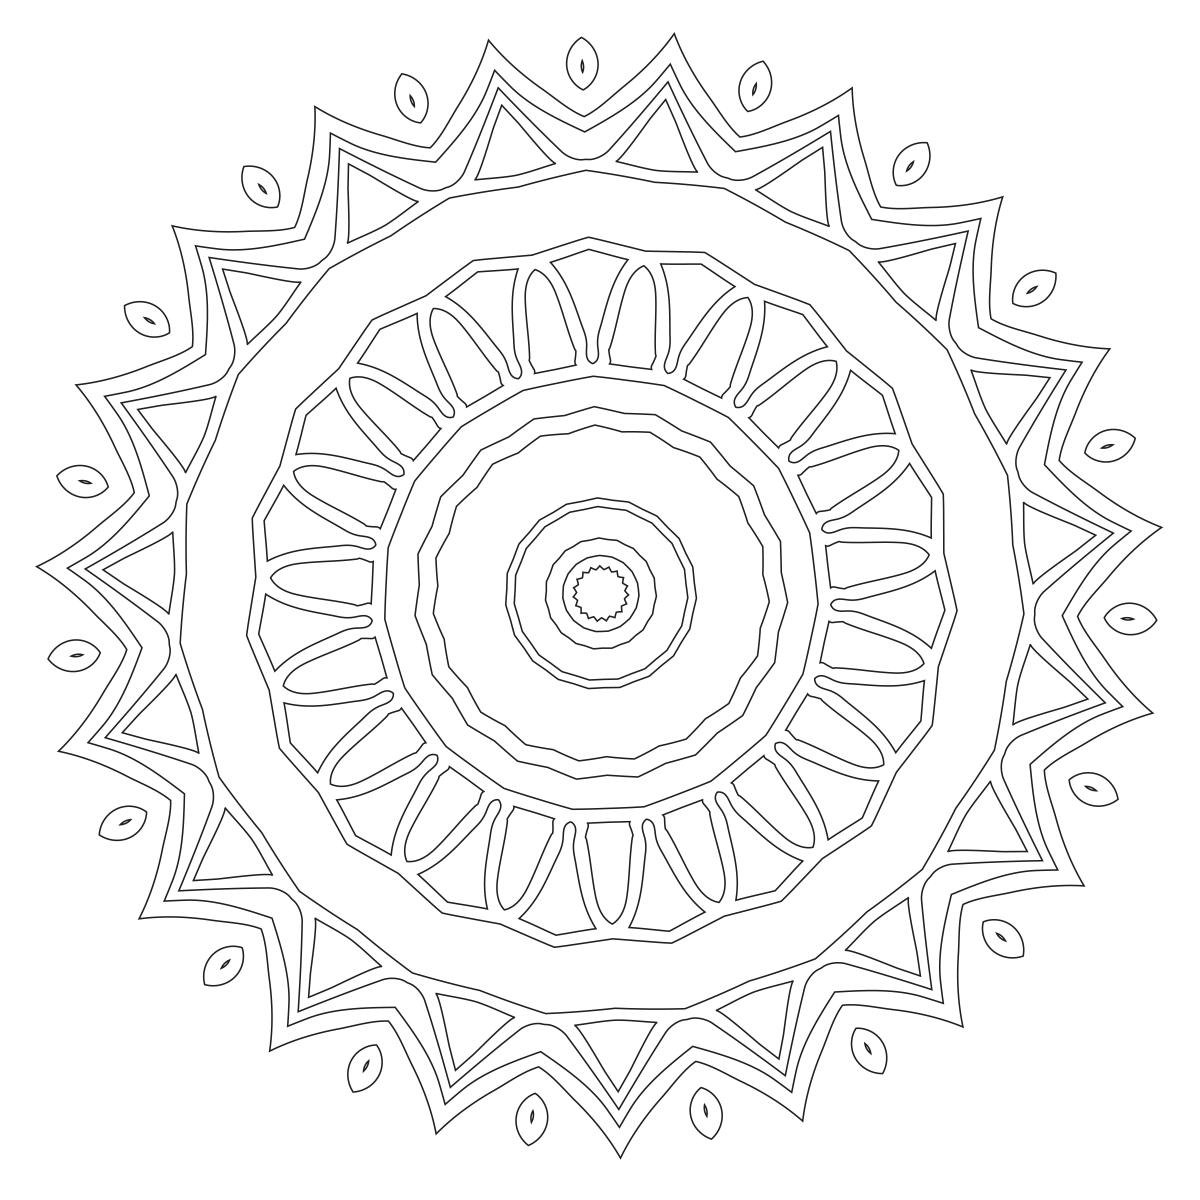 bf6910e756 ③2016 5D DIY Diamante Mosaico Religião Mandala Diamante Pintura · Mandala  Stencil Elo7 · Tela Decorativa Em Canvas Love Decor Mandala Red  Multicolorido ...